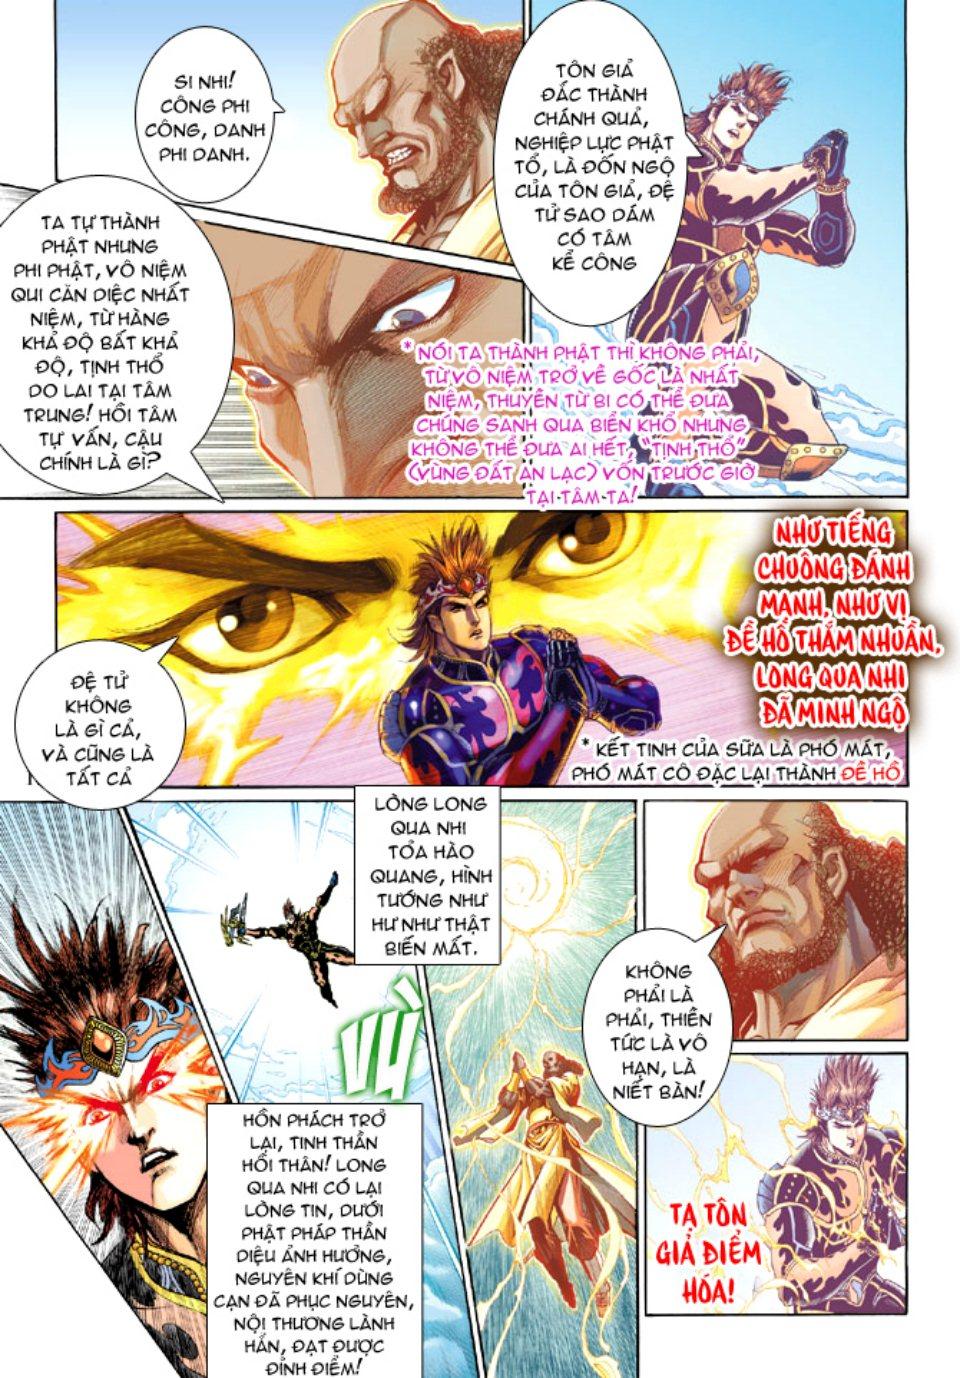 Thiên Tử Truyền Kỳ 5 – Như Lai Thần Chưởng chap 214 – End Trang 13 - Mangak.info